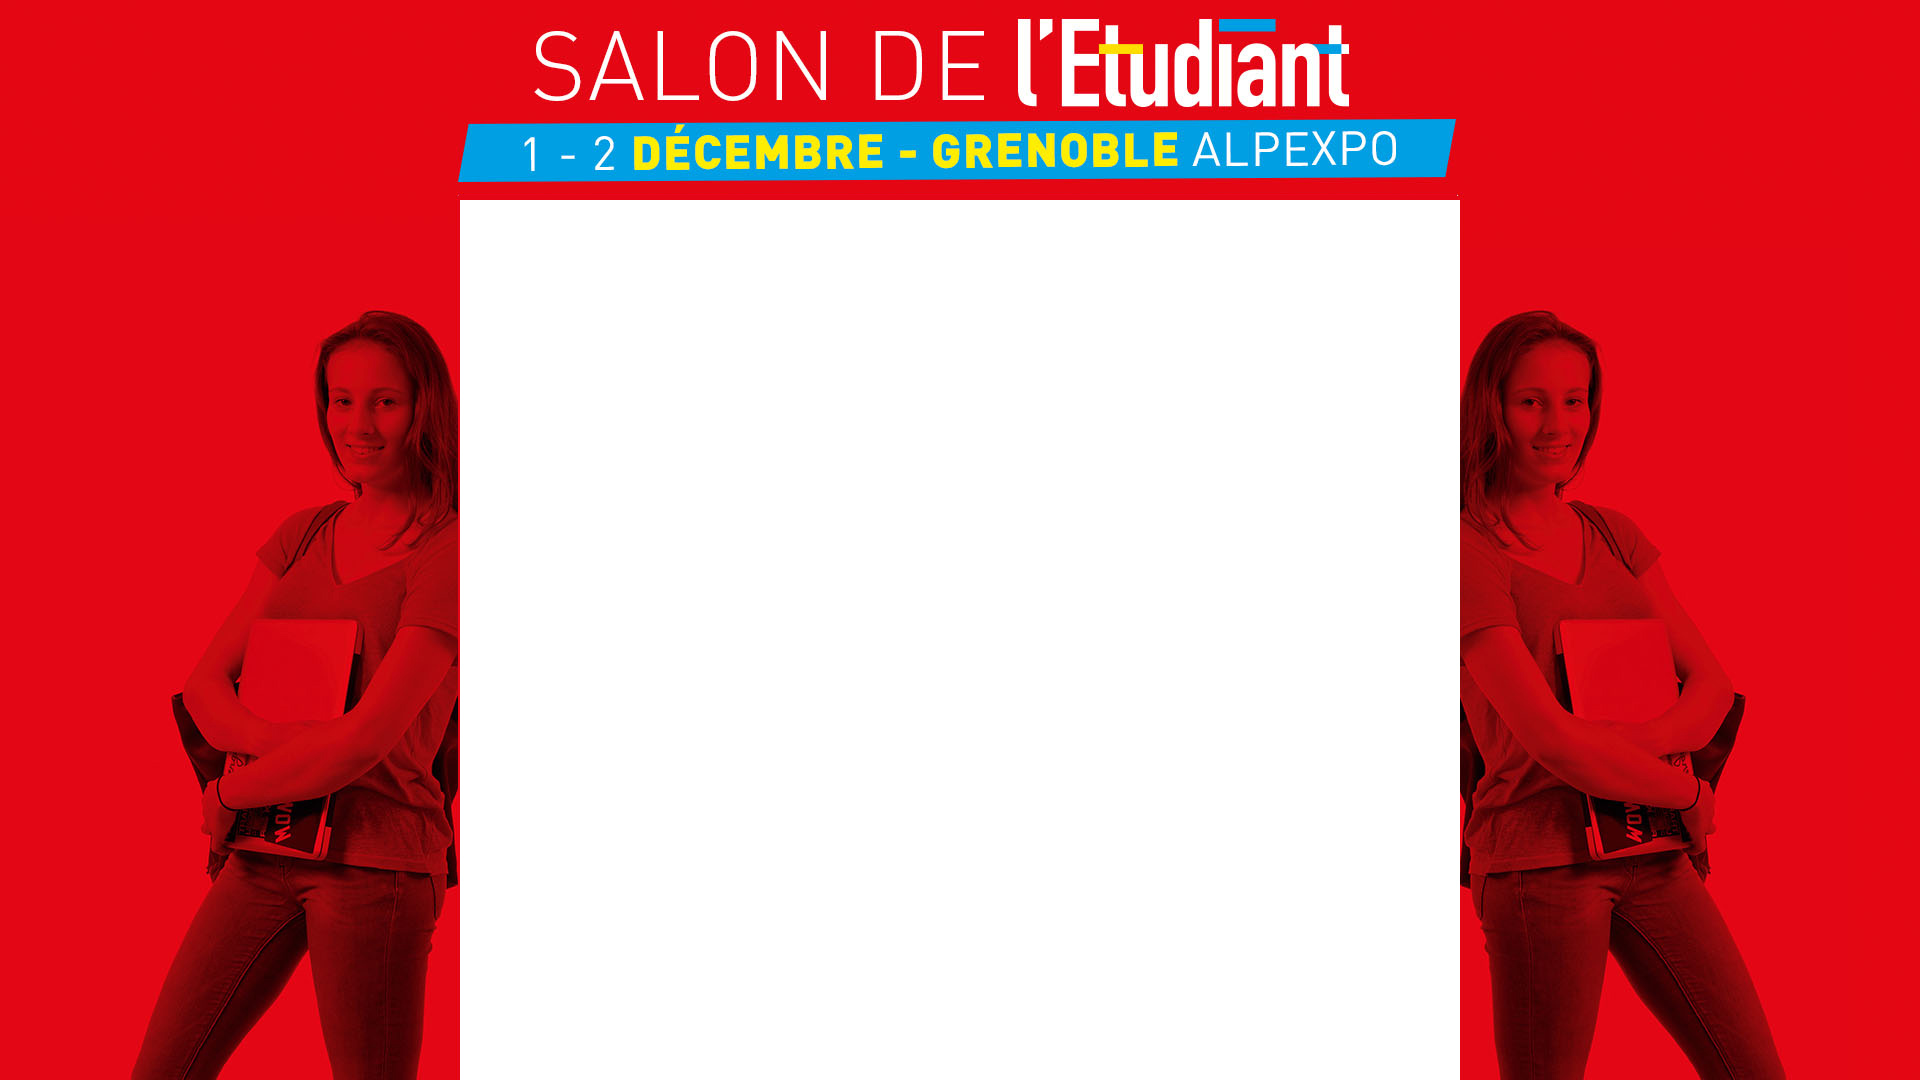 Salon de l'Étudiant les 1er et 2 décembre 2017 à Alpexpo Grenoble.